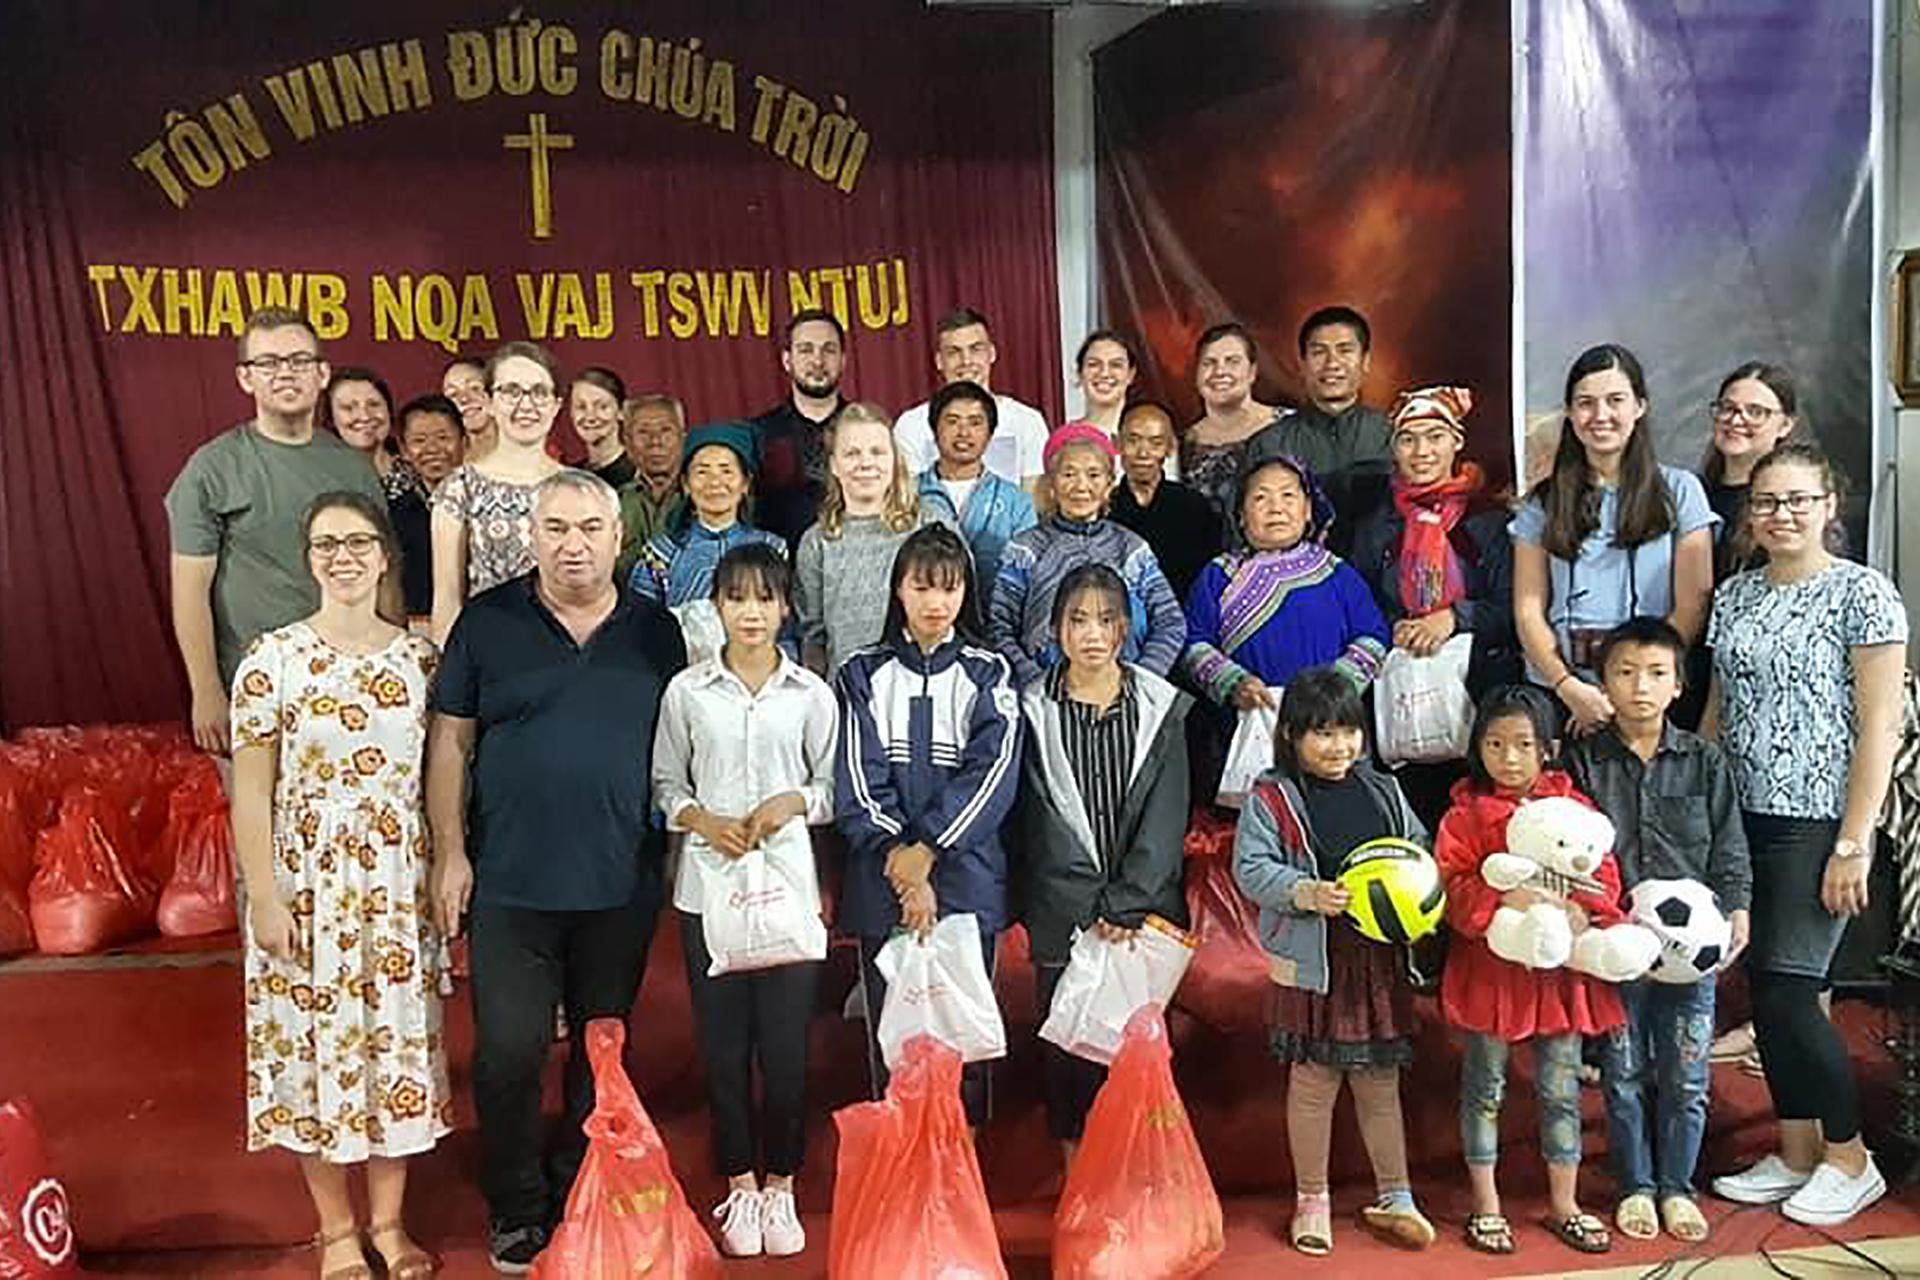 Einblick in die Missionsreise nach Vietnam